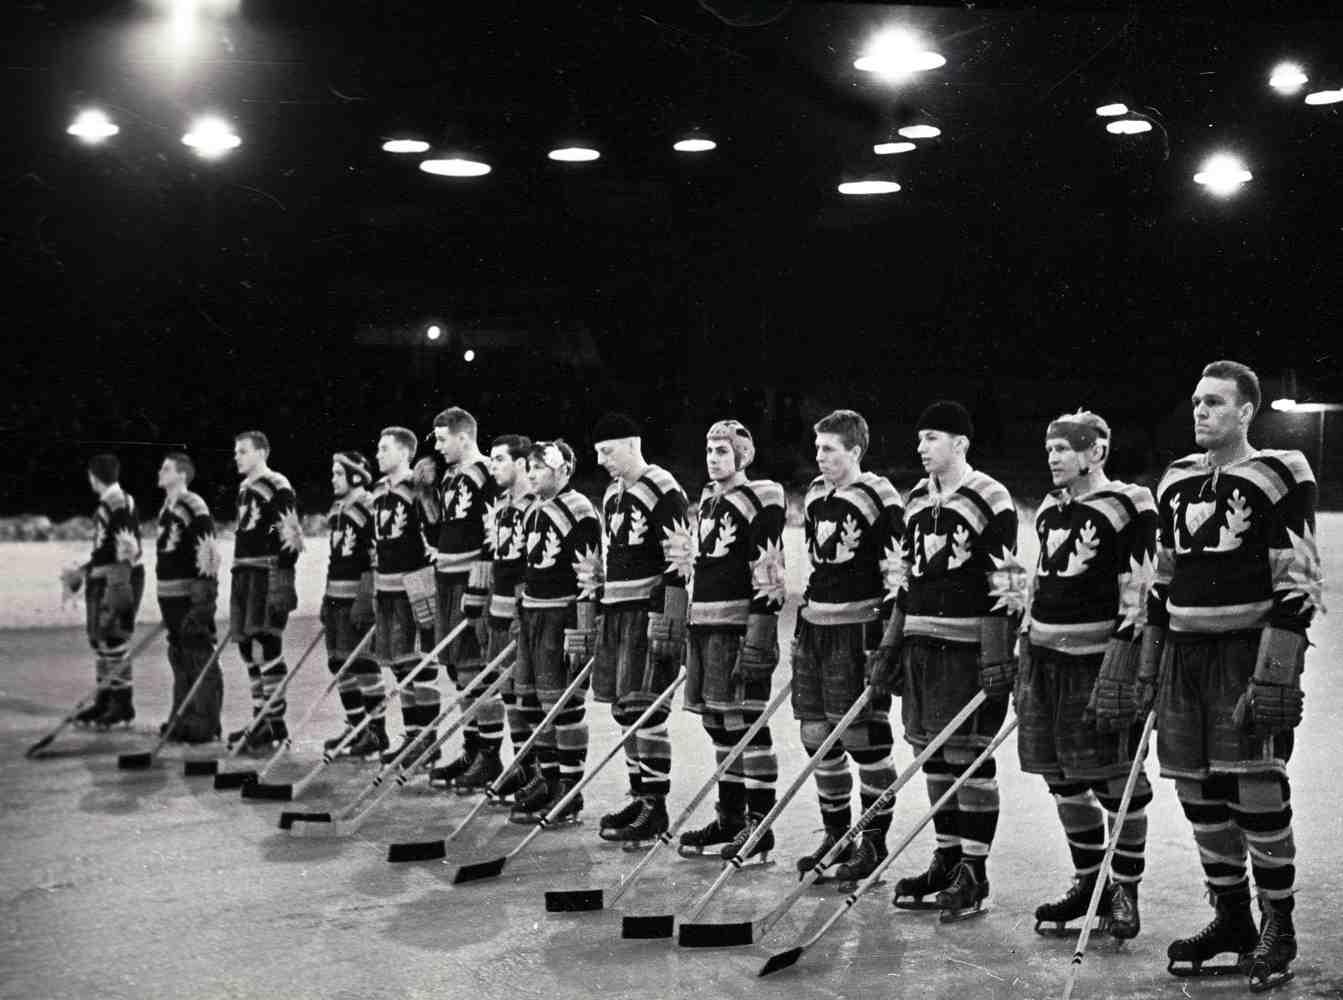 10280-05 1959-03-02 Динамо М-Сб Юргордена и Седертелье Швеция.jpg